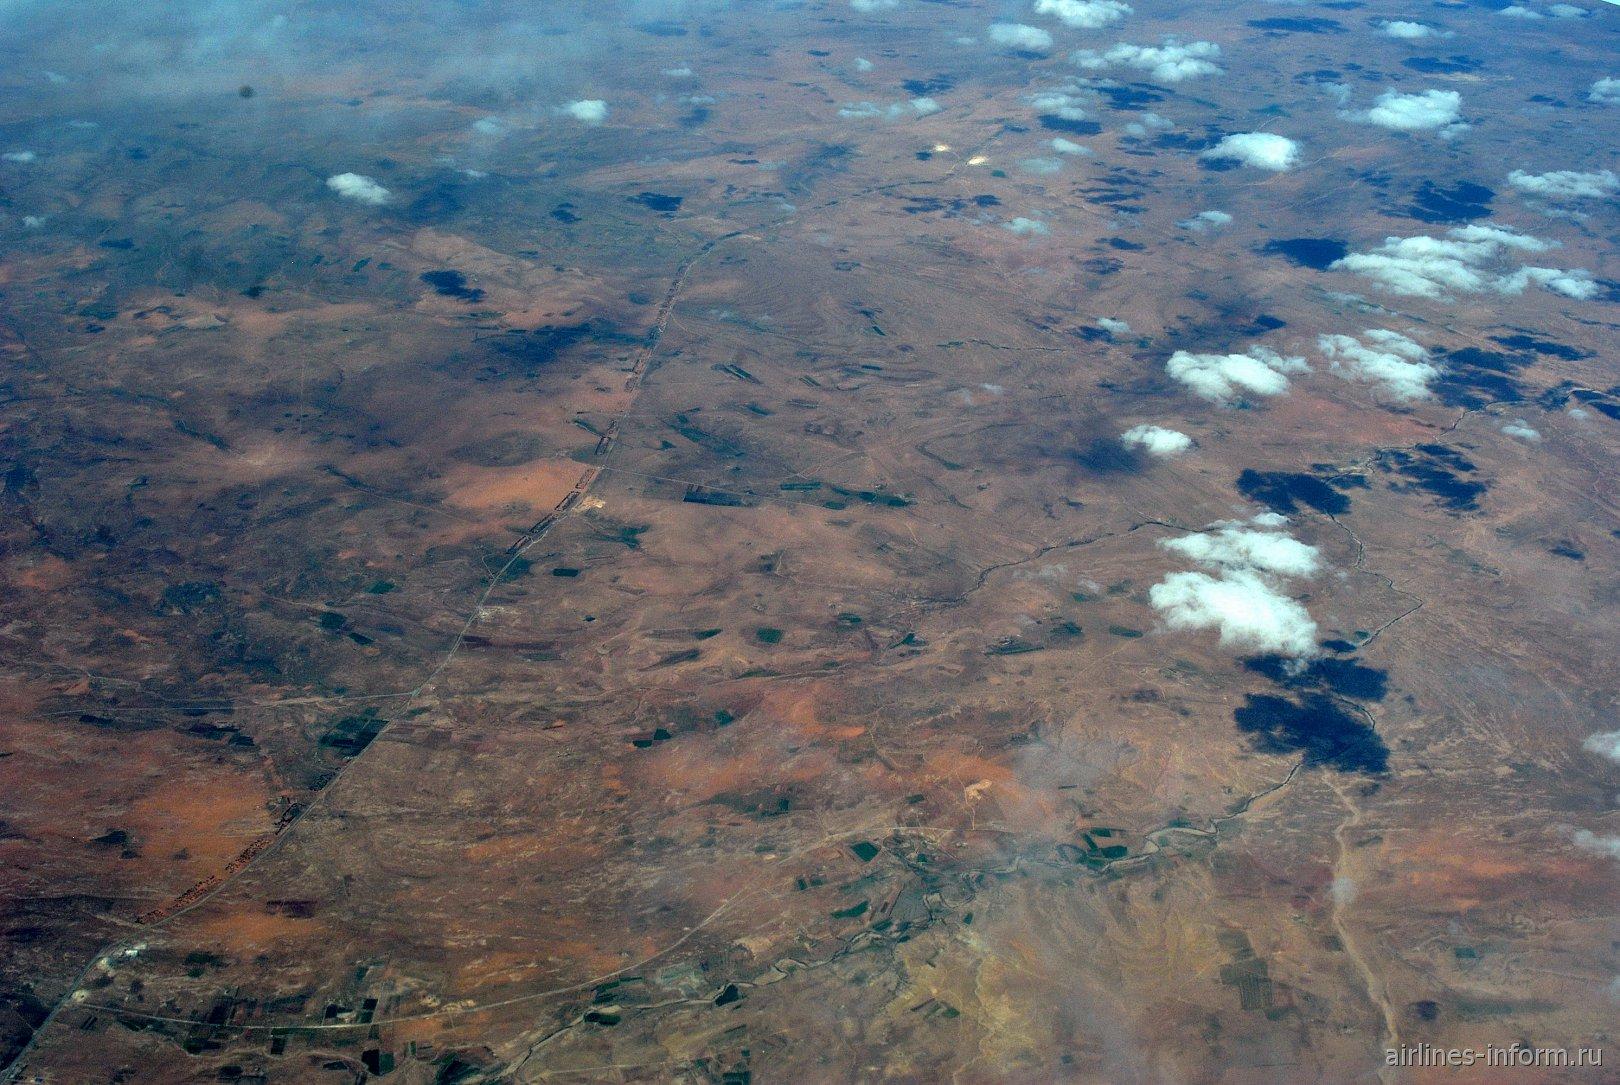 В полете над Алжиром близ города Эль-Баяд